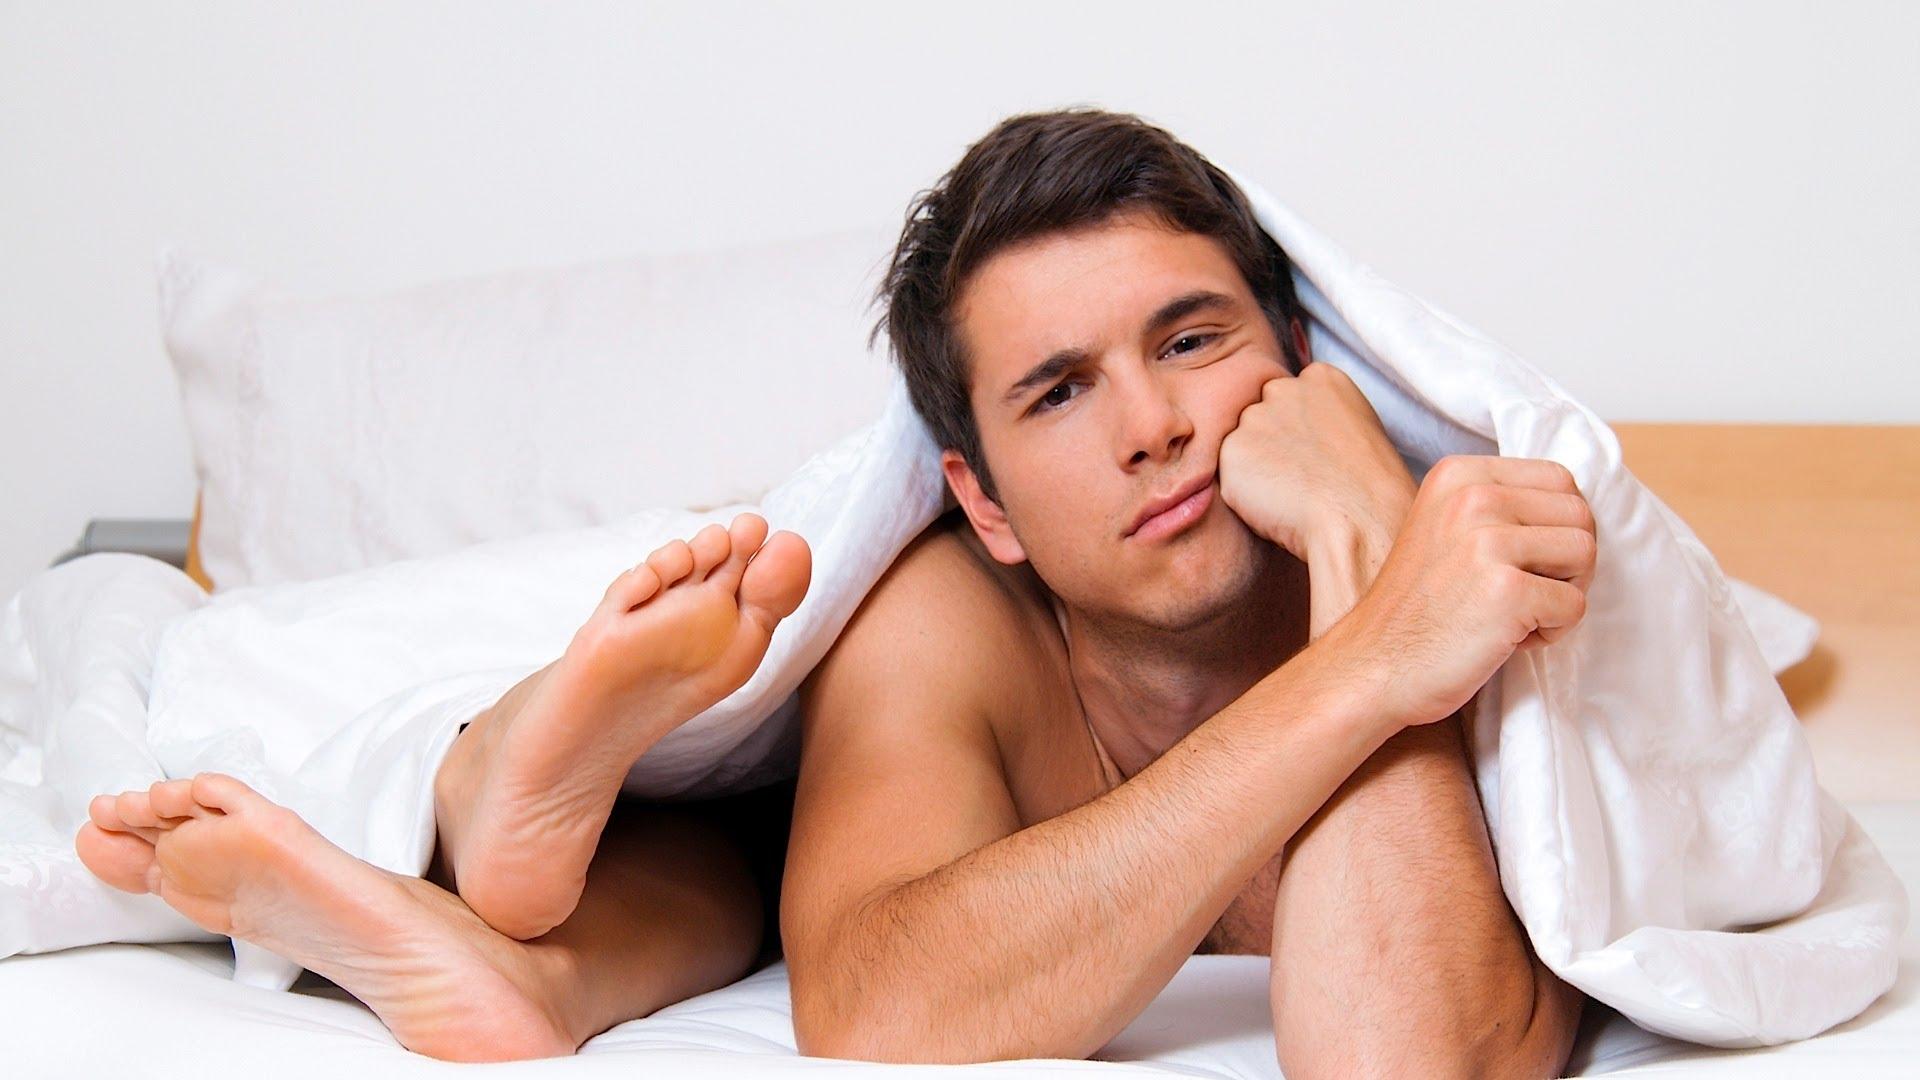 How to improve erection